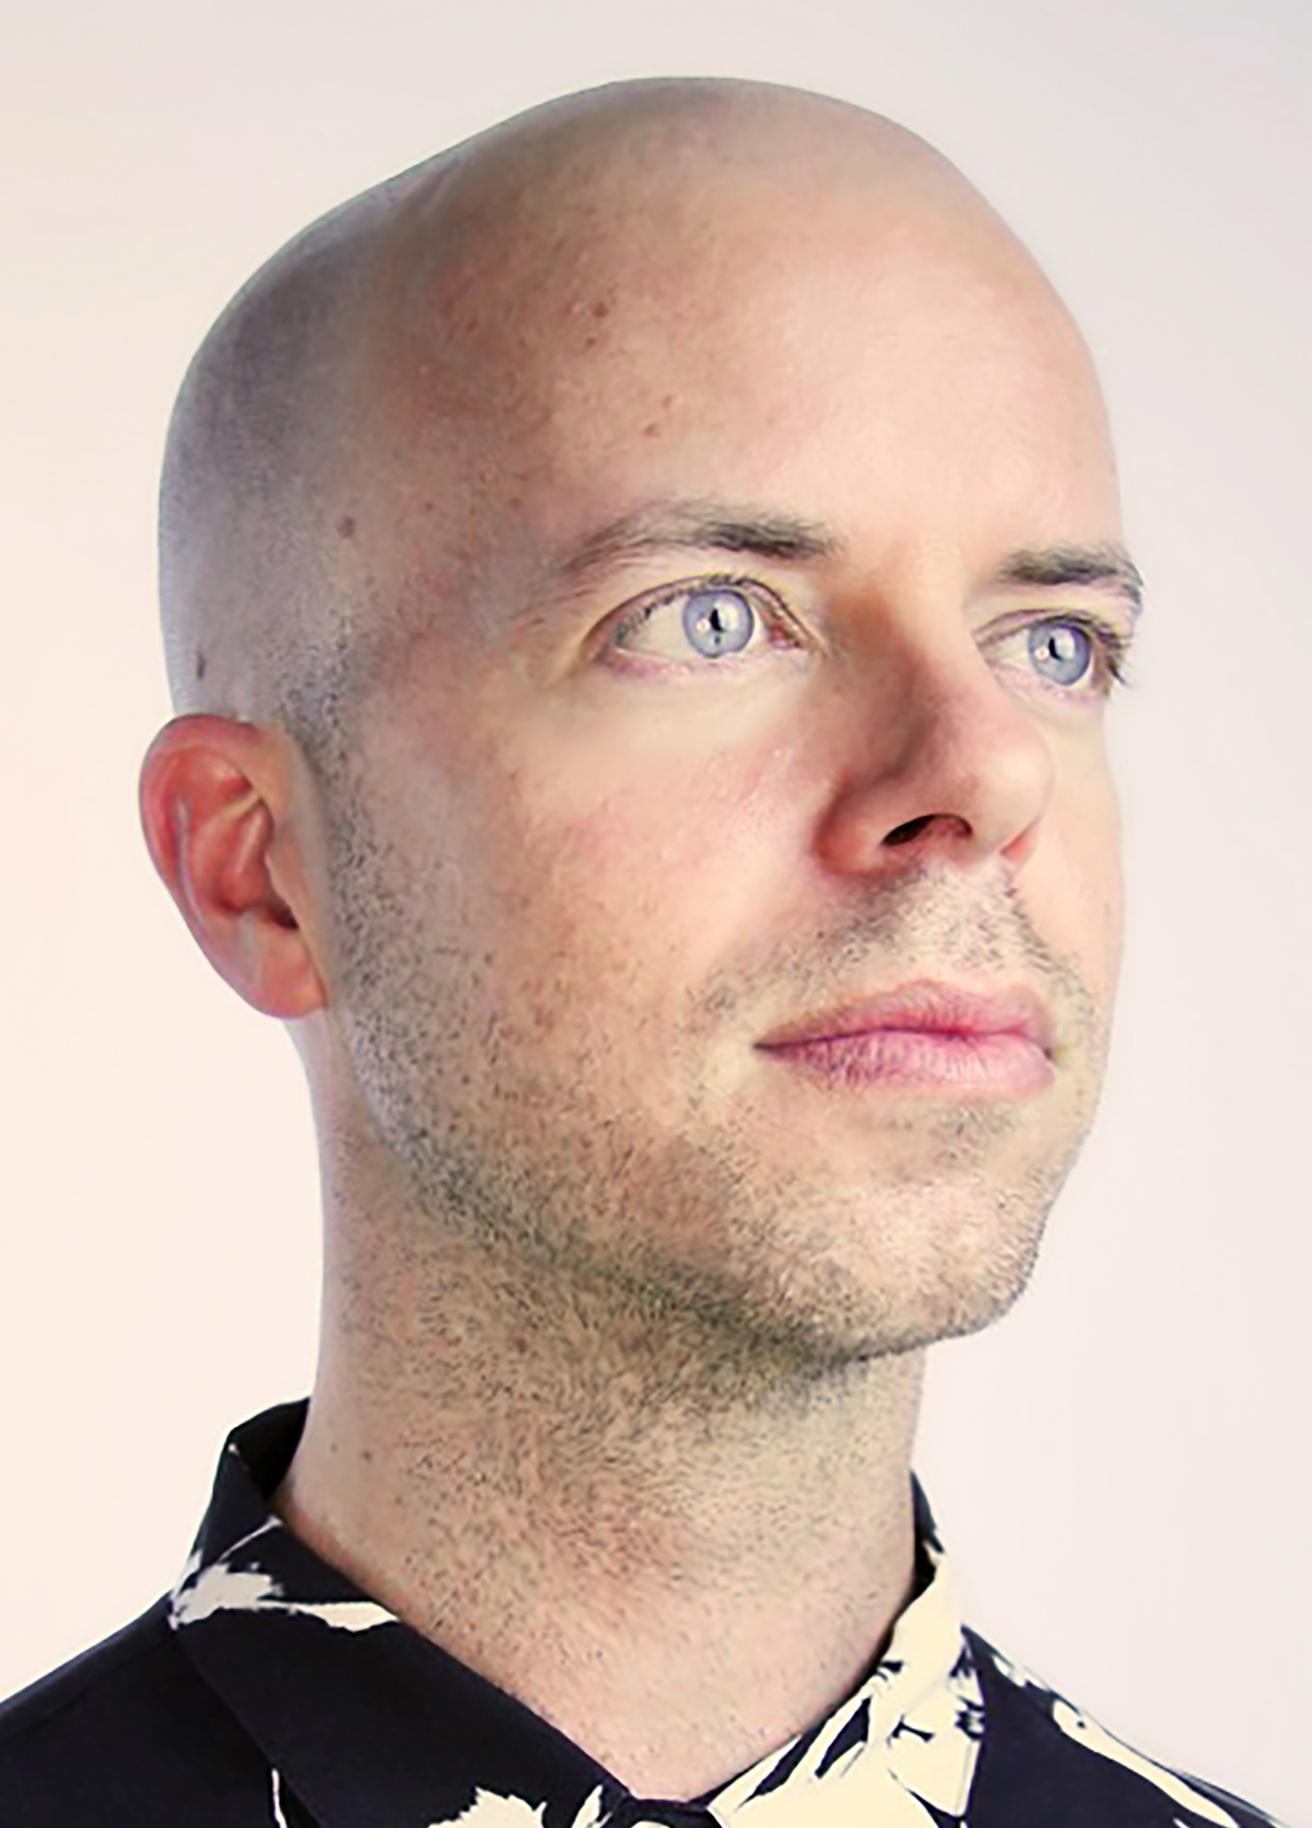 Kyle Parkinson